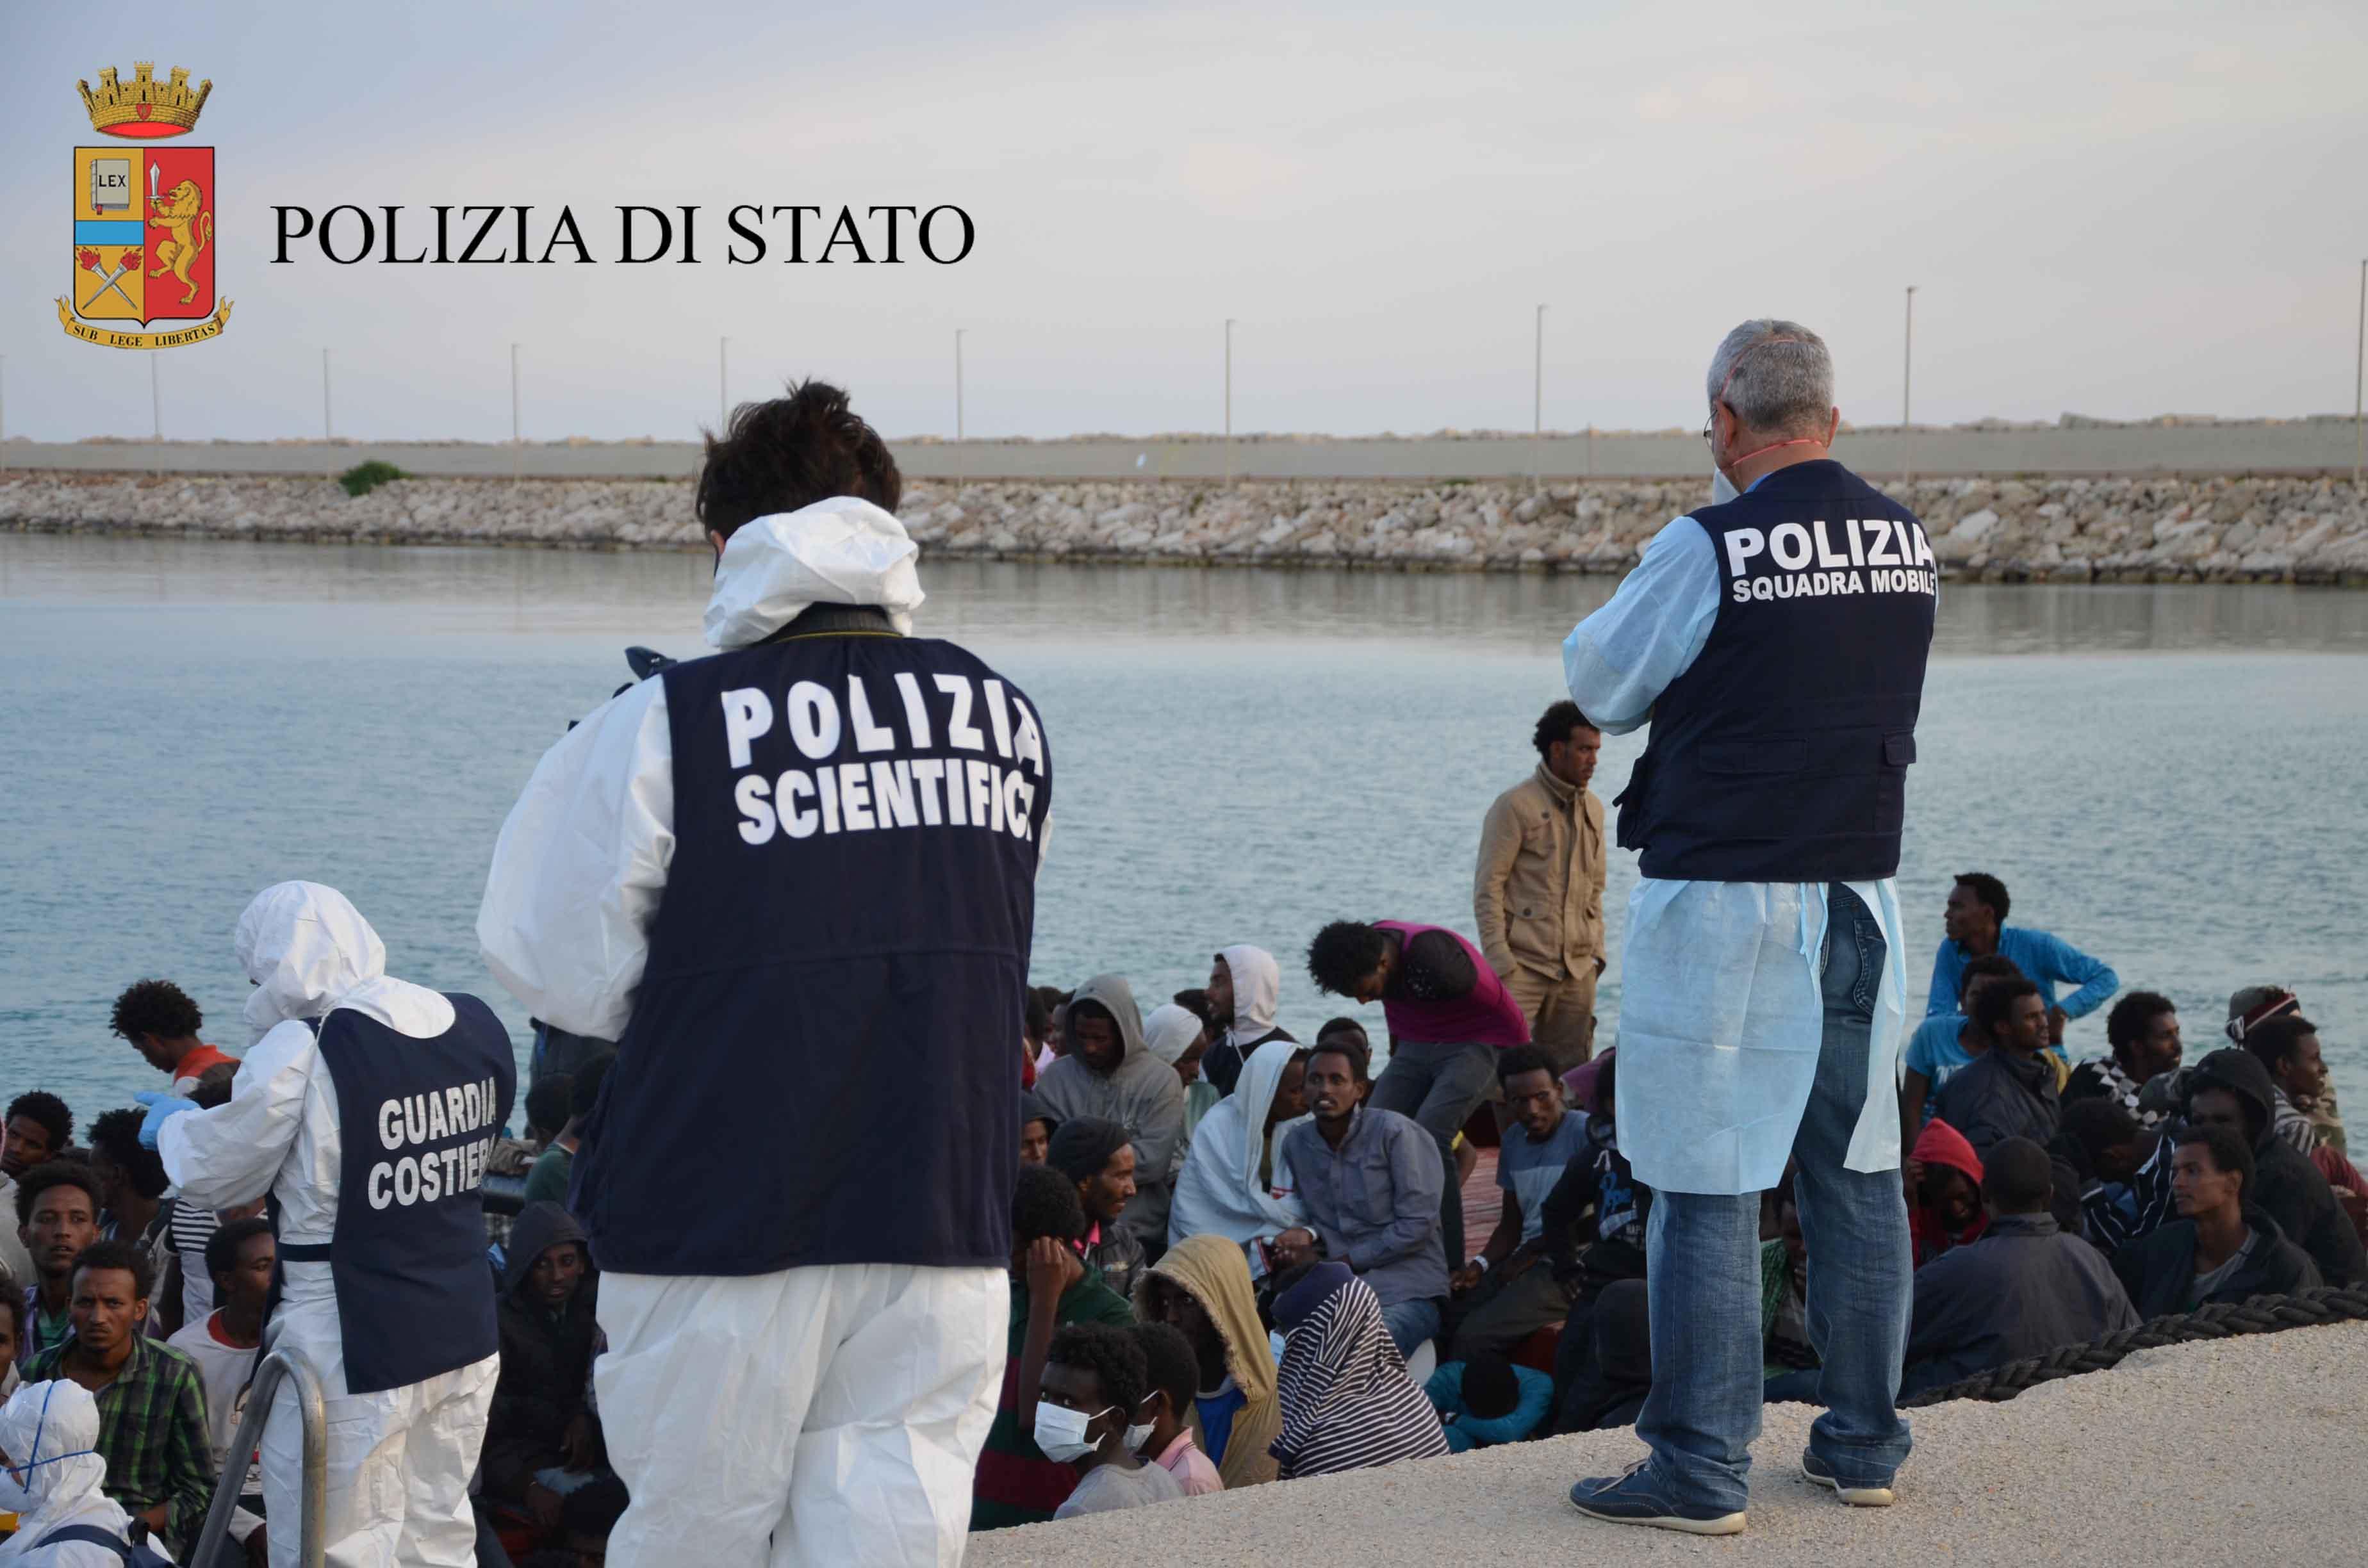 Polizia di stato questure sul web vibo valentia for Polizia di stato permesso di soggiorno